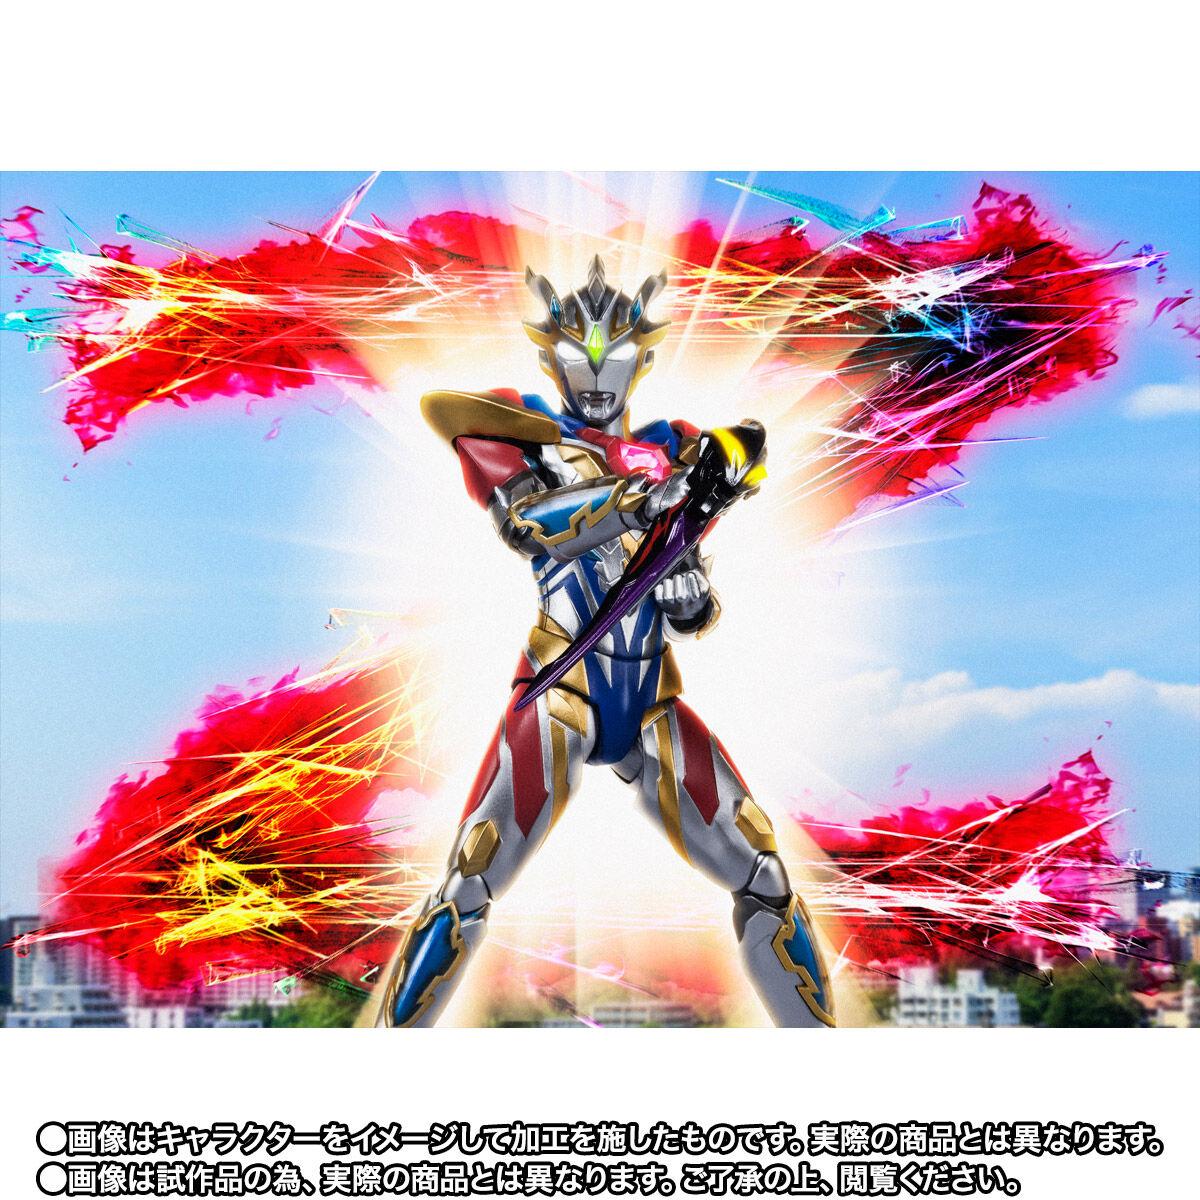 【限定販売】S.H.Figuarts『ウルトラマンゼット デルタライズクロー』ウルトラマンZ 可動フィギュア-009